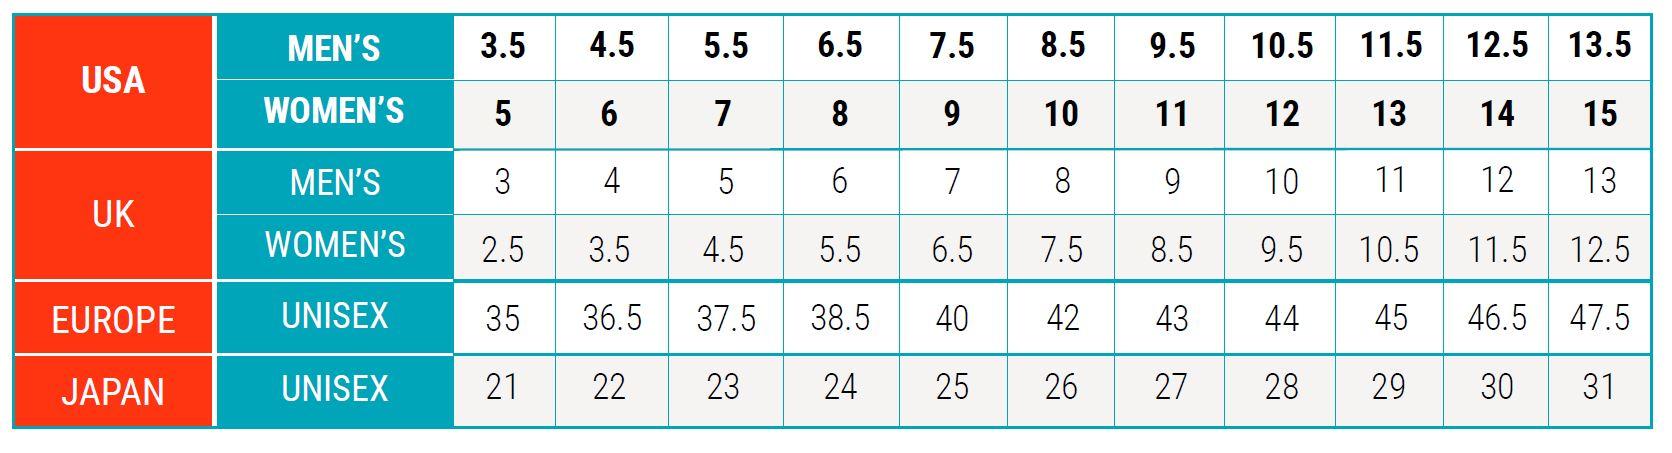 zhik-footwear-size-chart.jpg